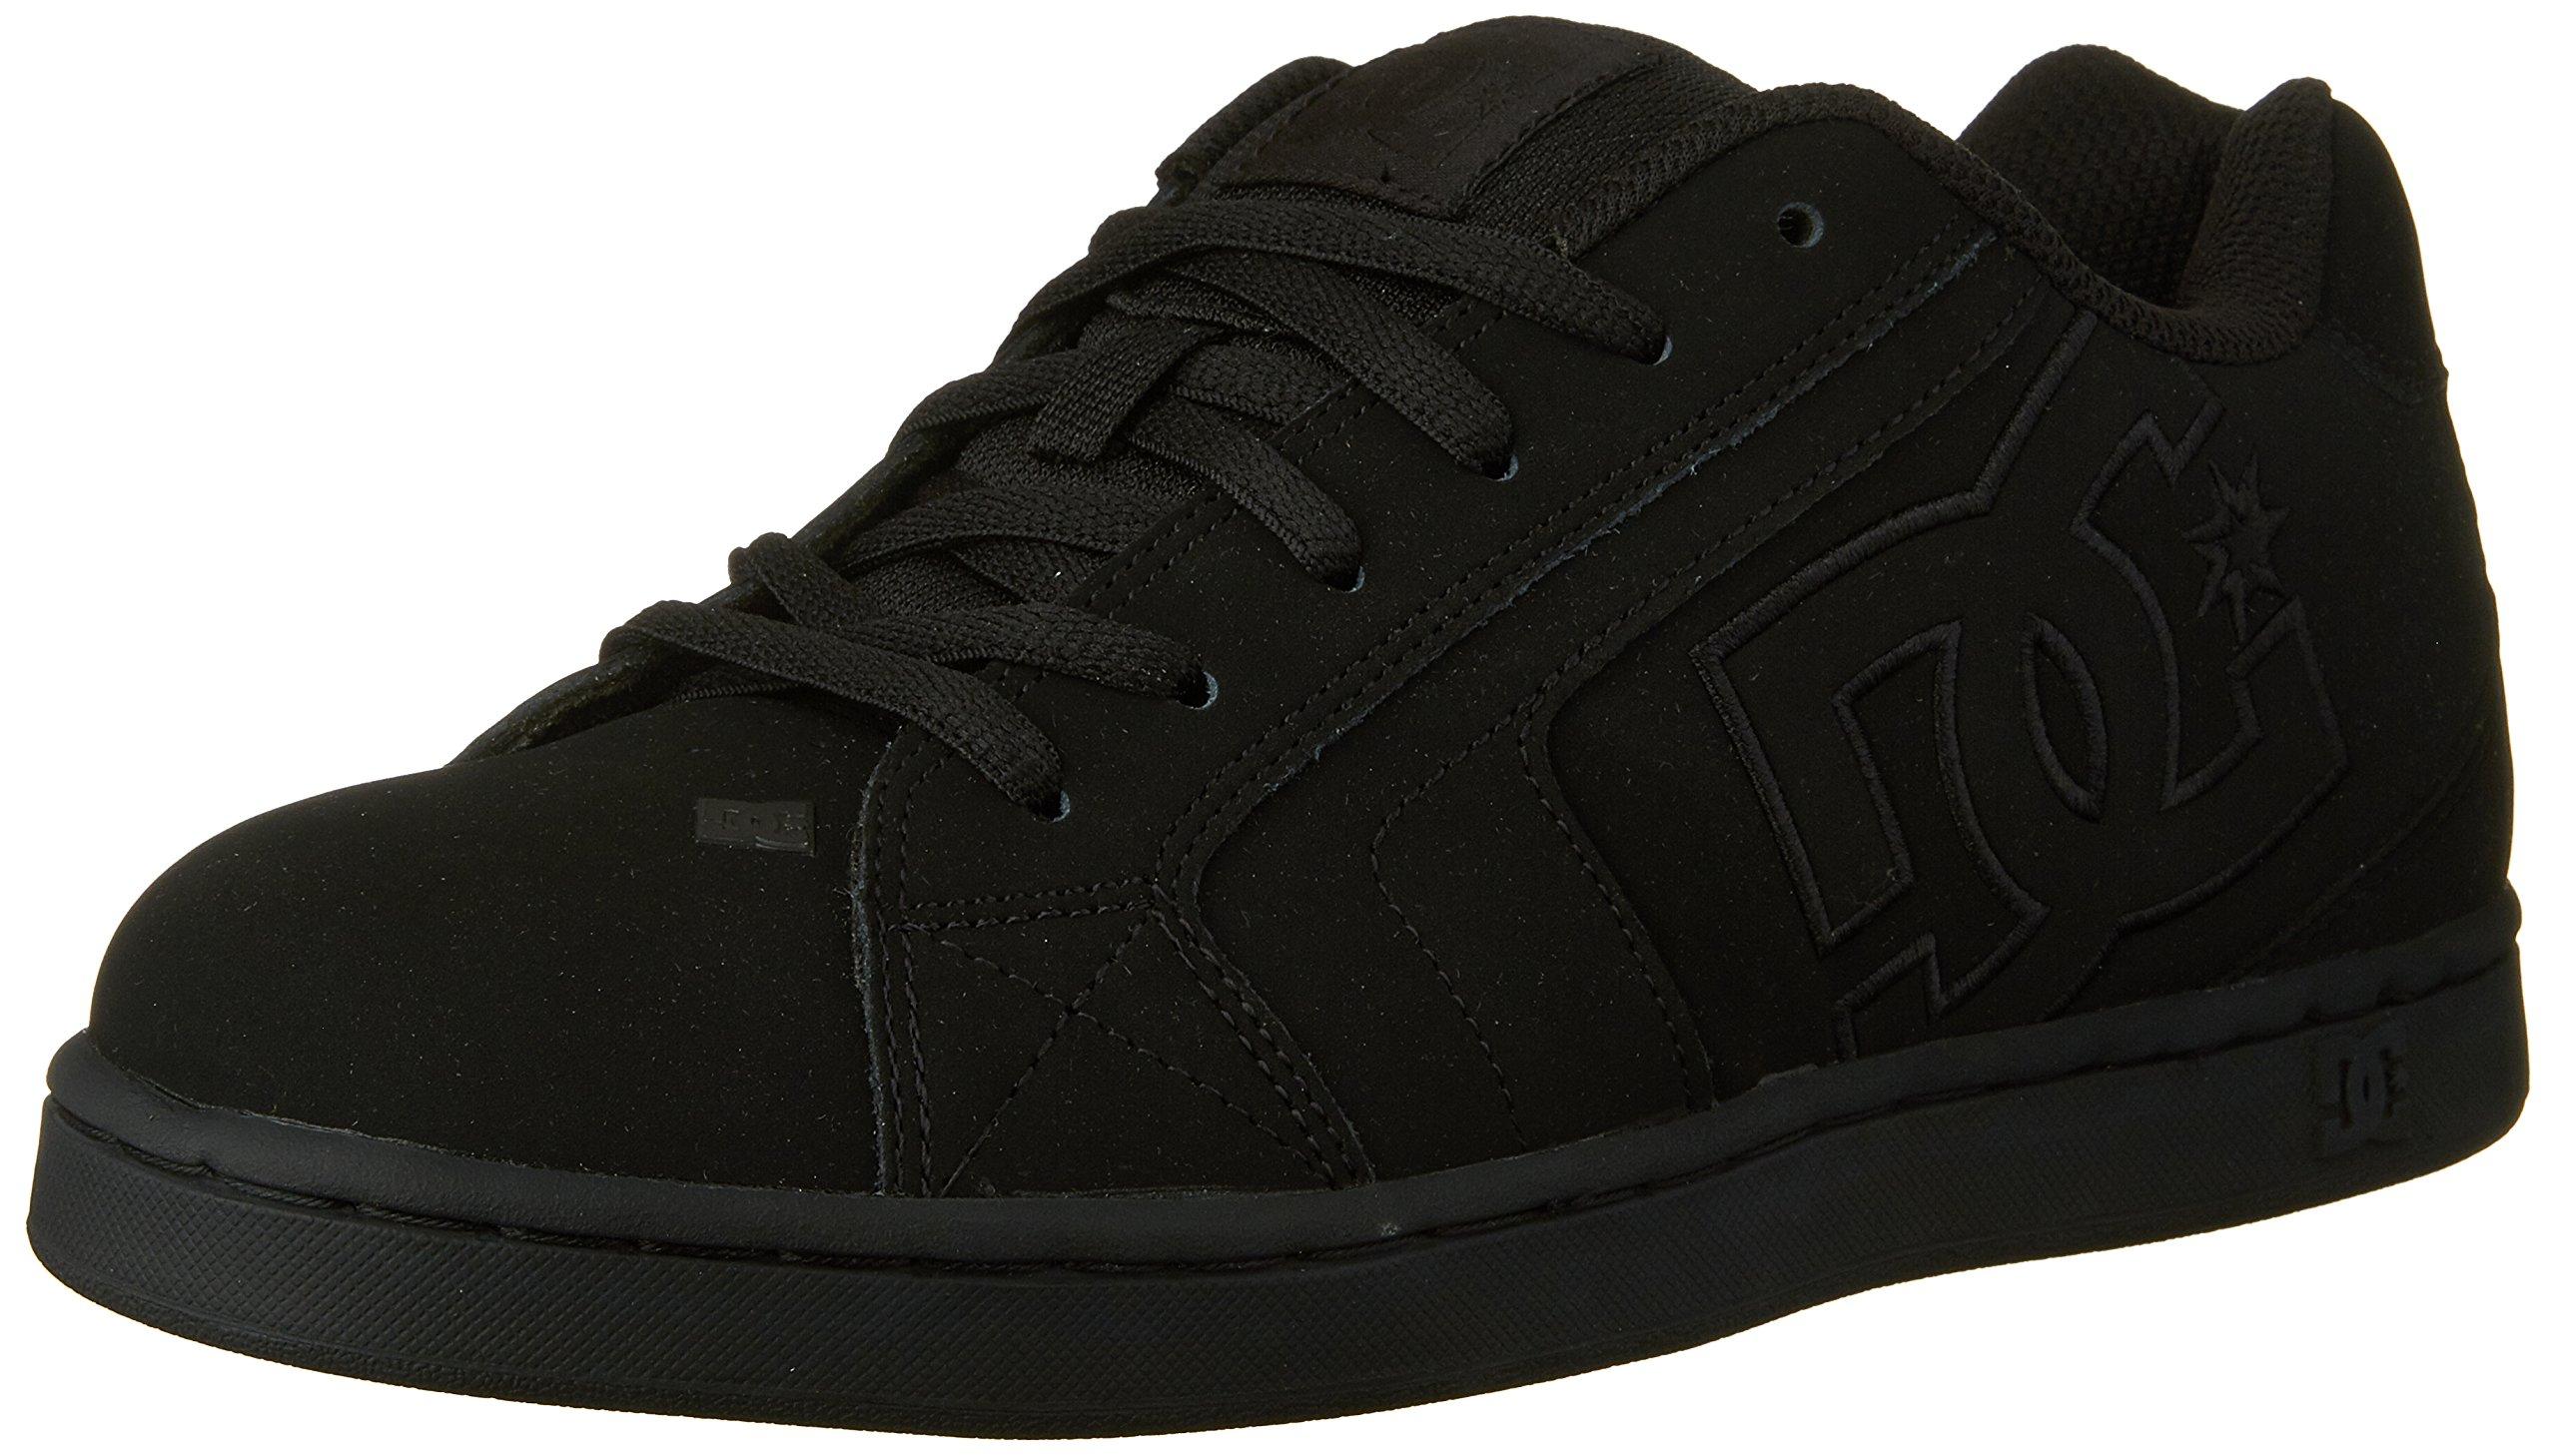 DC Men's Net Lace-Up Shoe, Black/Black/Black, 8.5 D M US